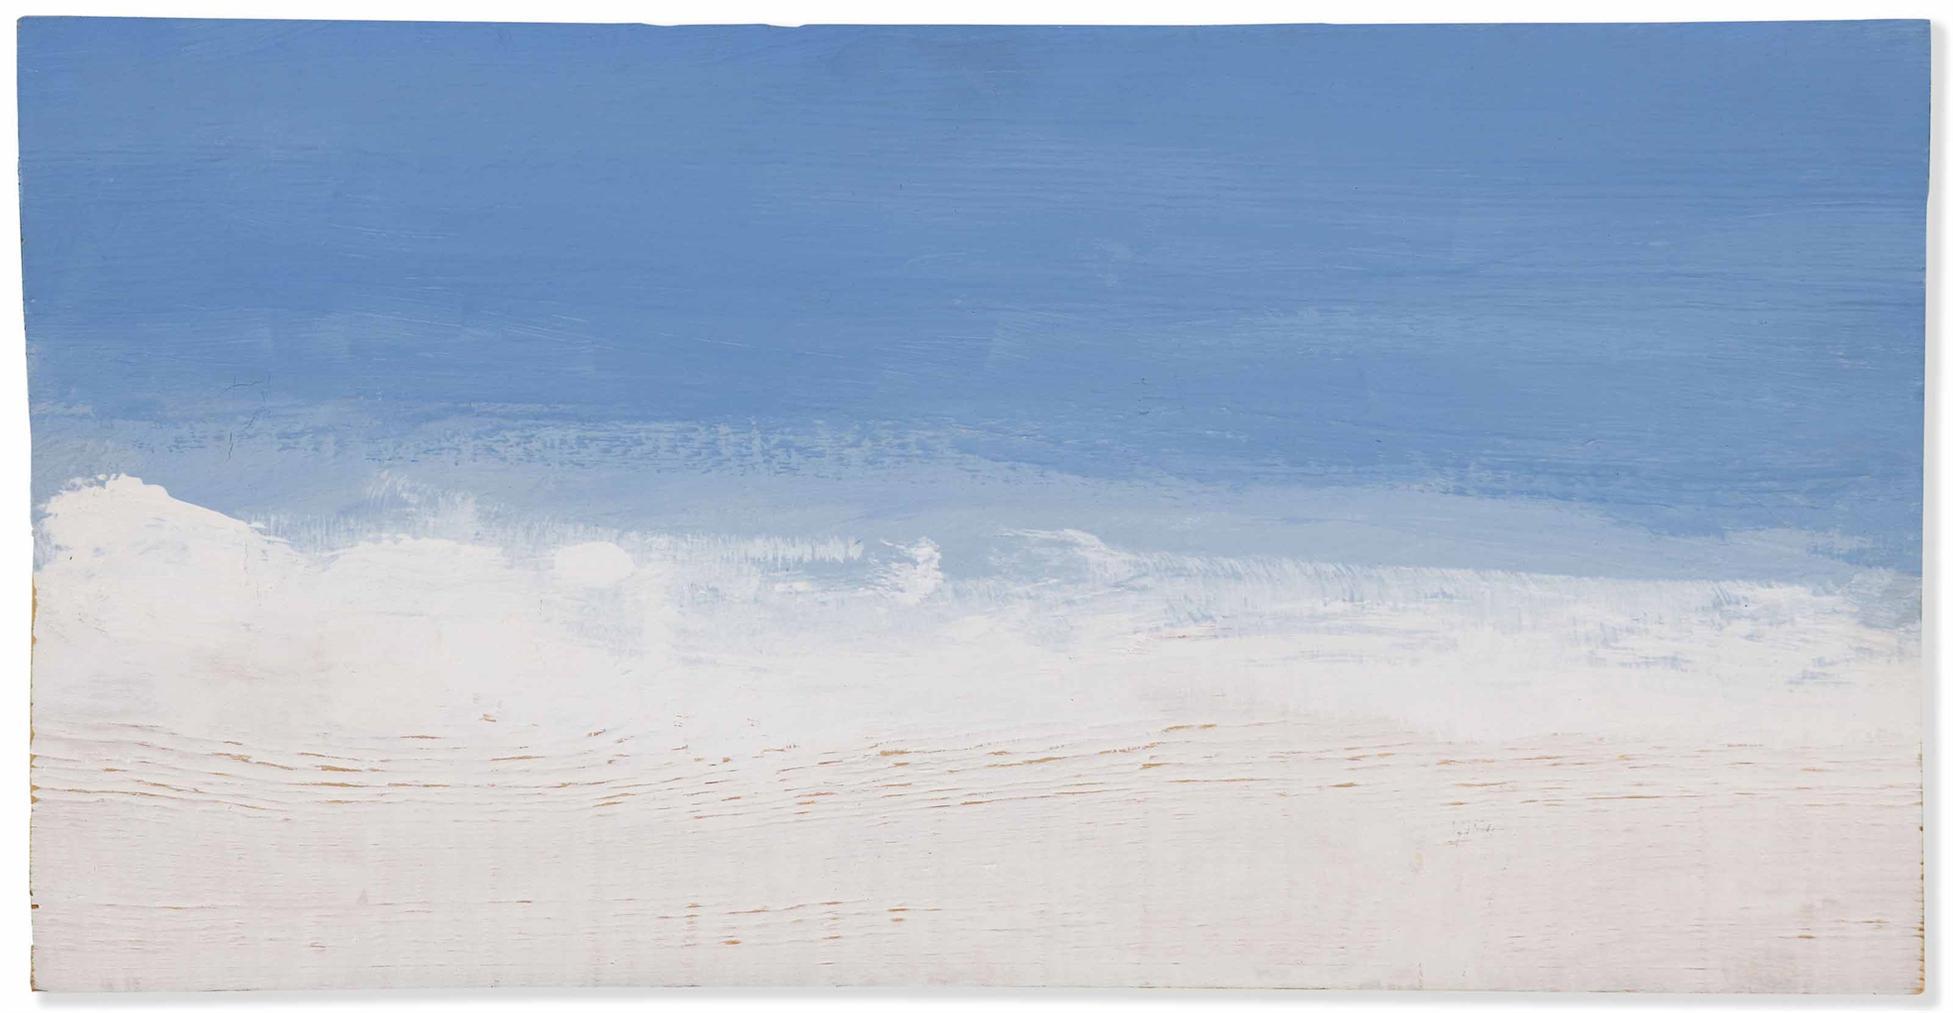 J. C. J. Van Der Heyden - Untitled-1980